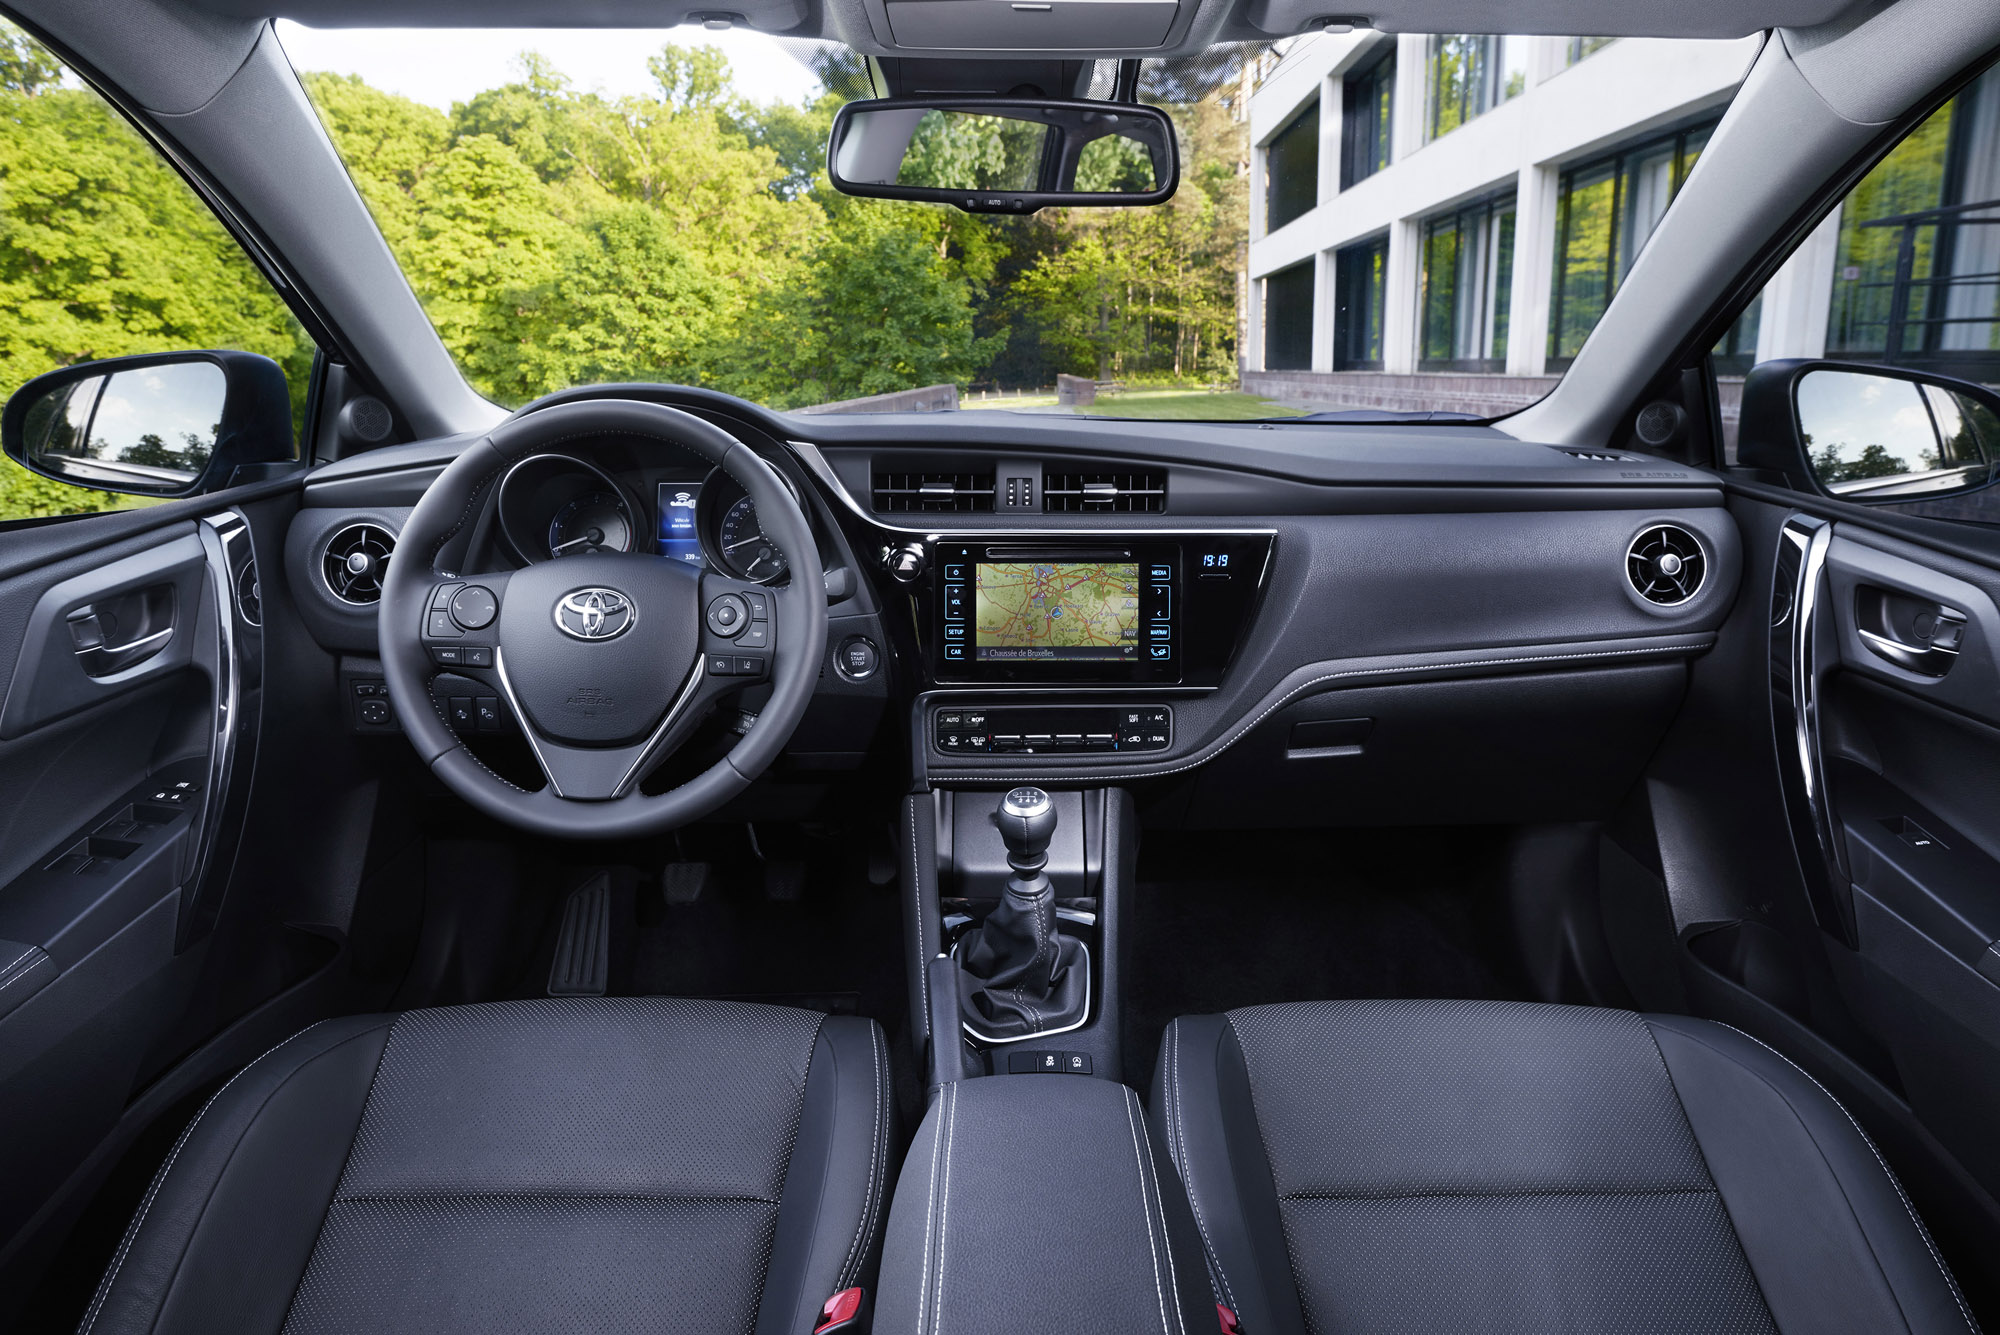 Yeni Toyota Auris konsol ve kabinde yeni tasarımıyla kalite hissi yaratıyor